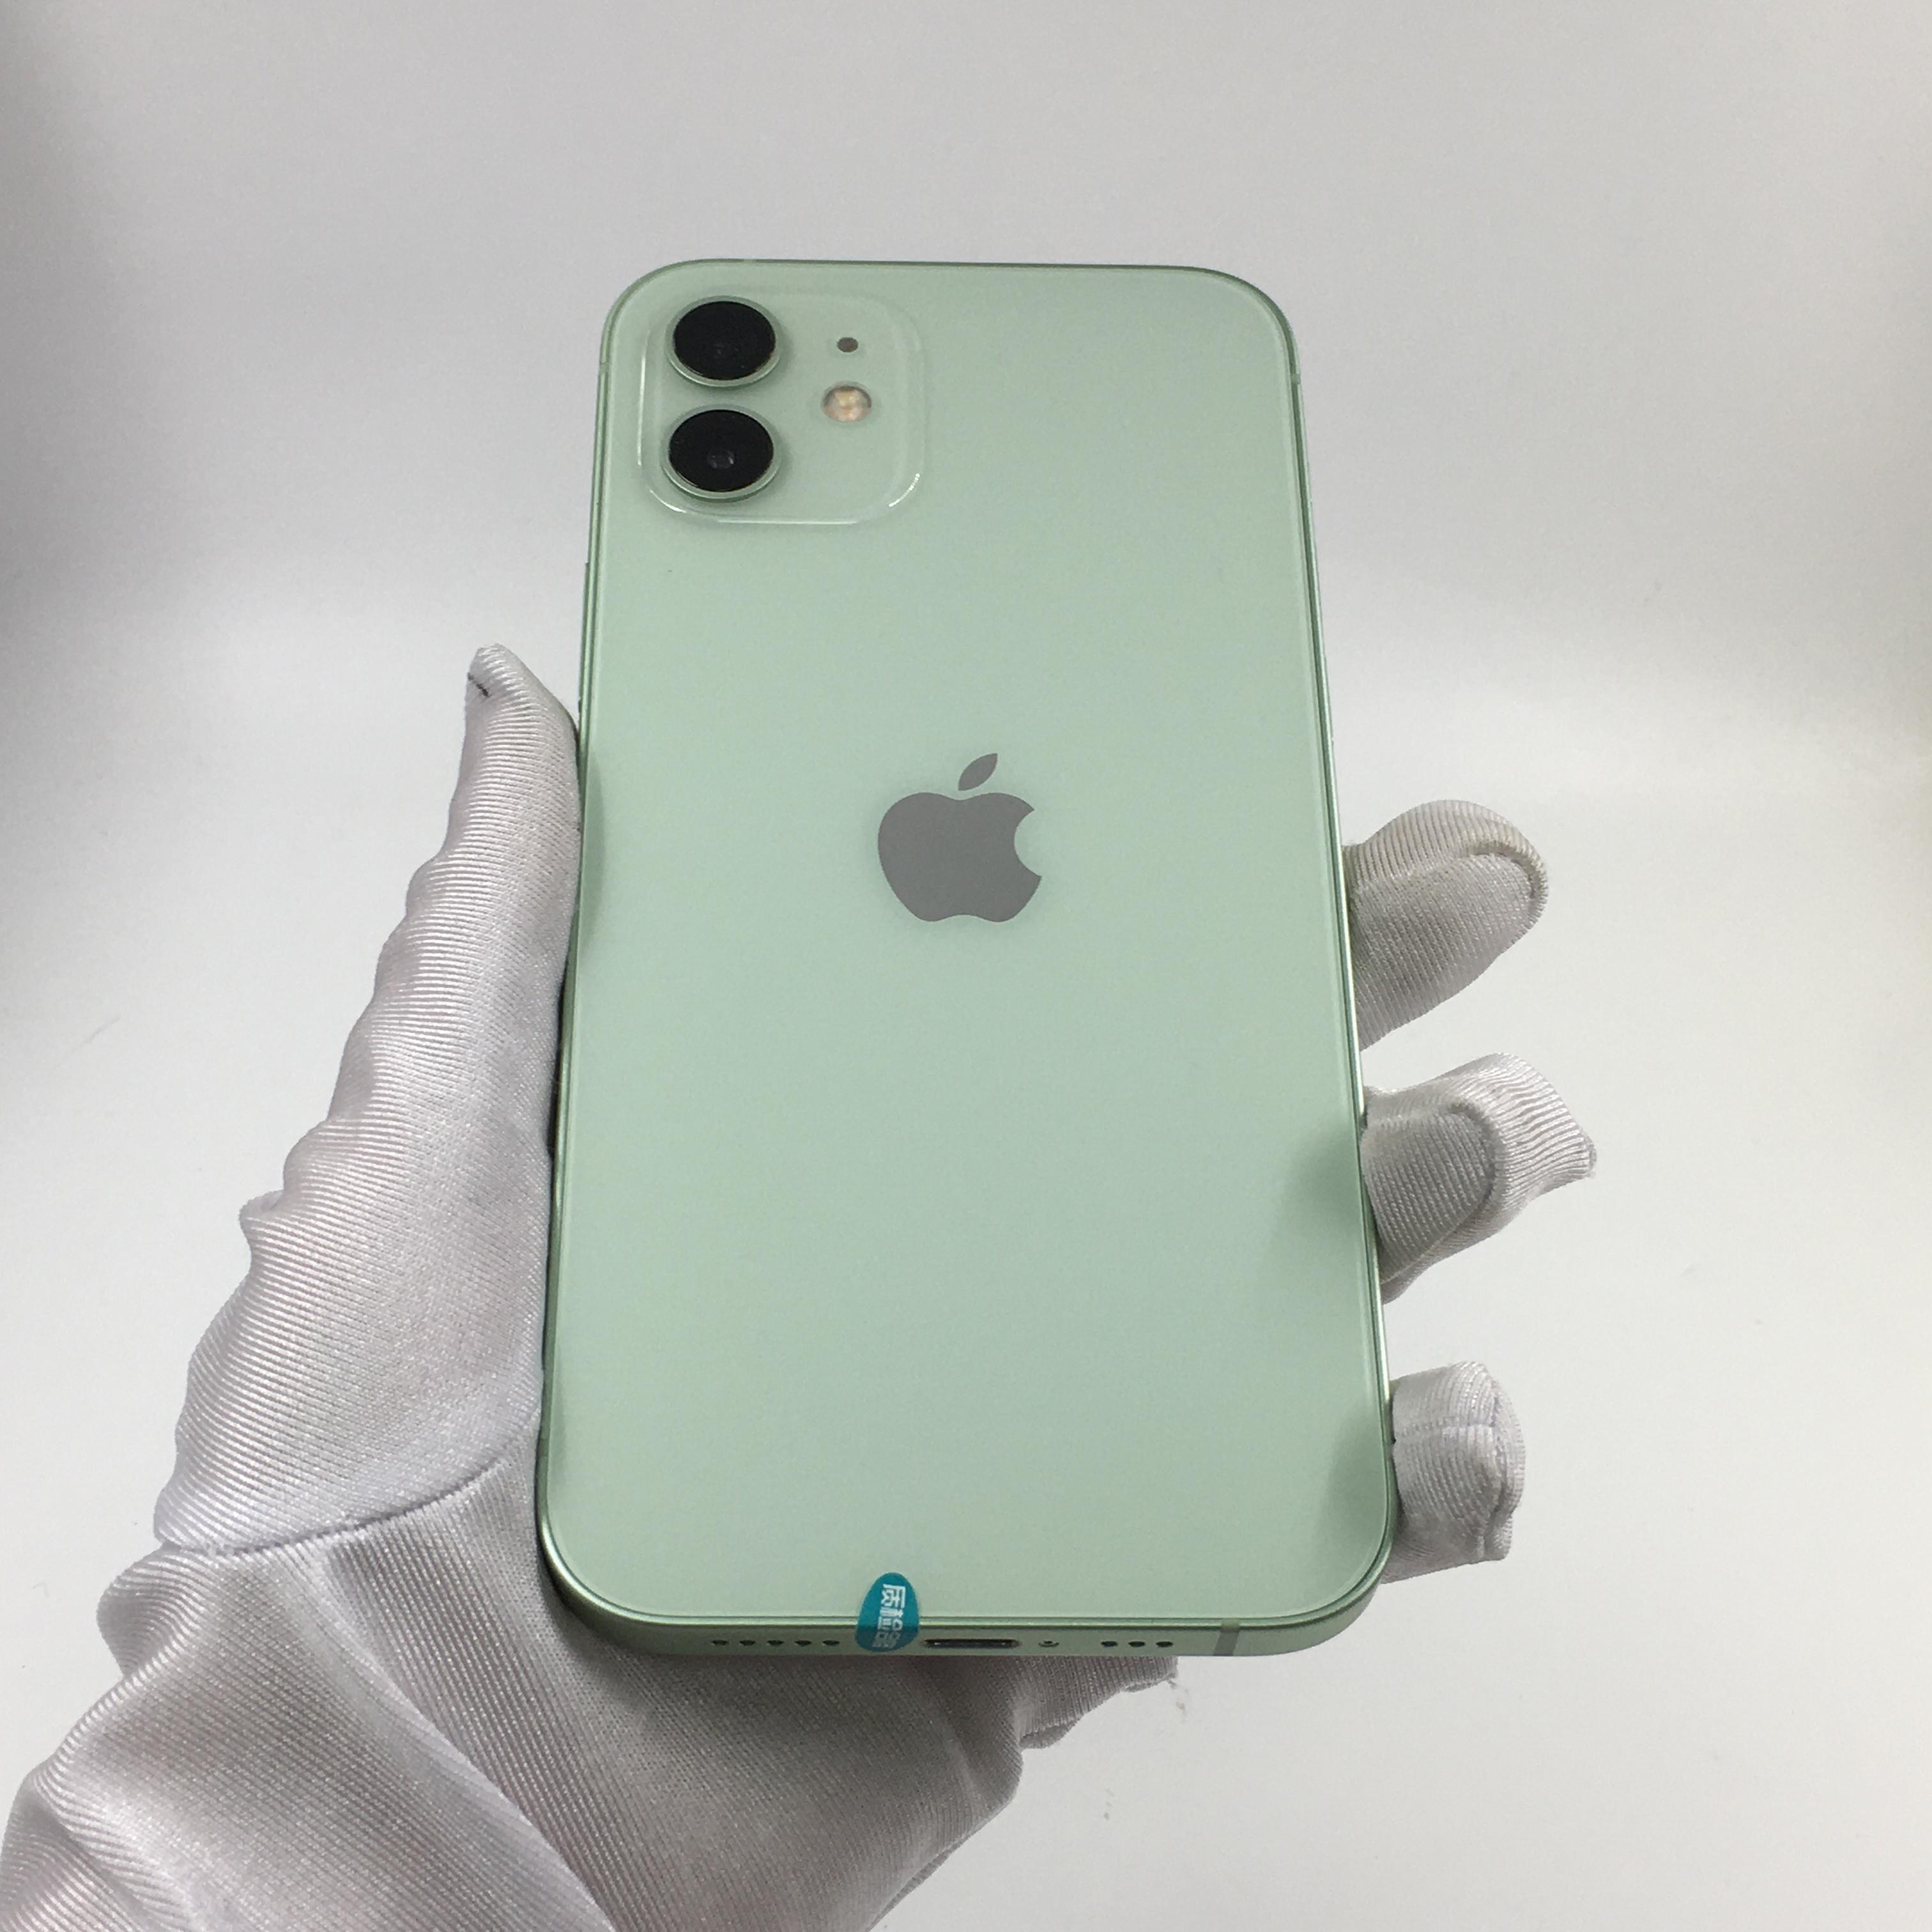 苹果【iPhone 12】5G全网通 绿色 256G 国行 99新 256G真机实拍